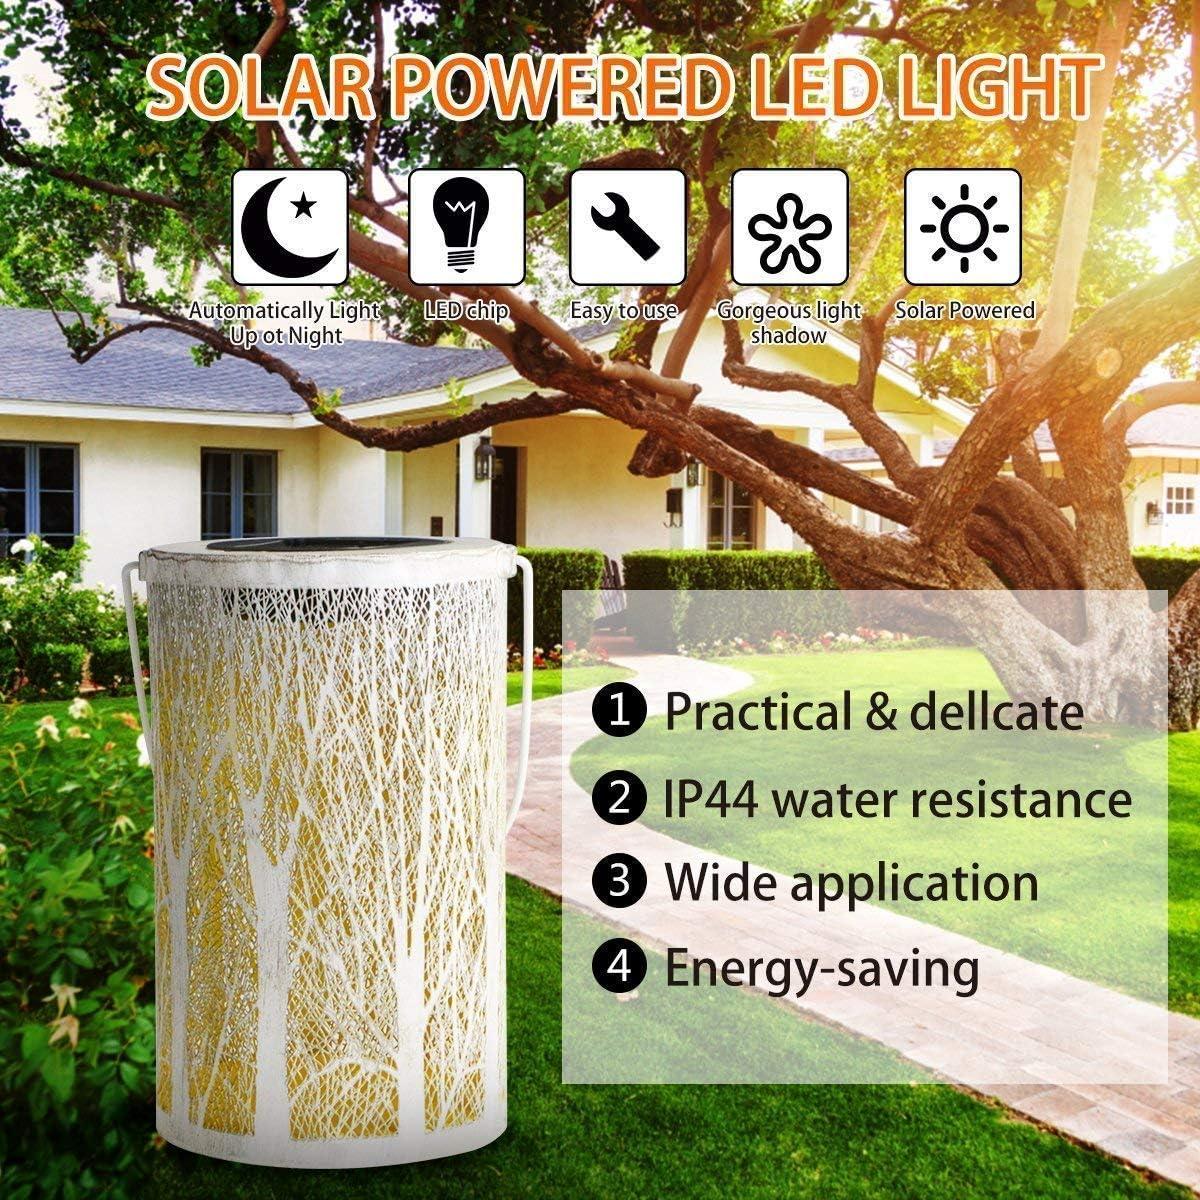 Baum Solar Laterne Gartenlicht,SUAVER Retro Solar Tischlampe Outdoor Solarleuchten Garten Dekorative solarlampen Metall Kunst H/ängend Lampe f/ür Baum Patio Terrasse Garten Party Leuchte